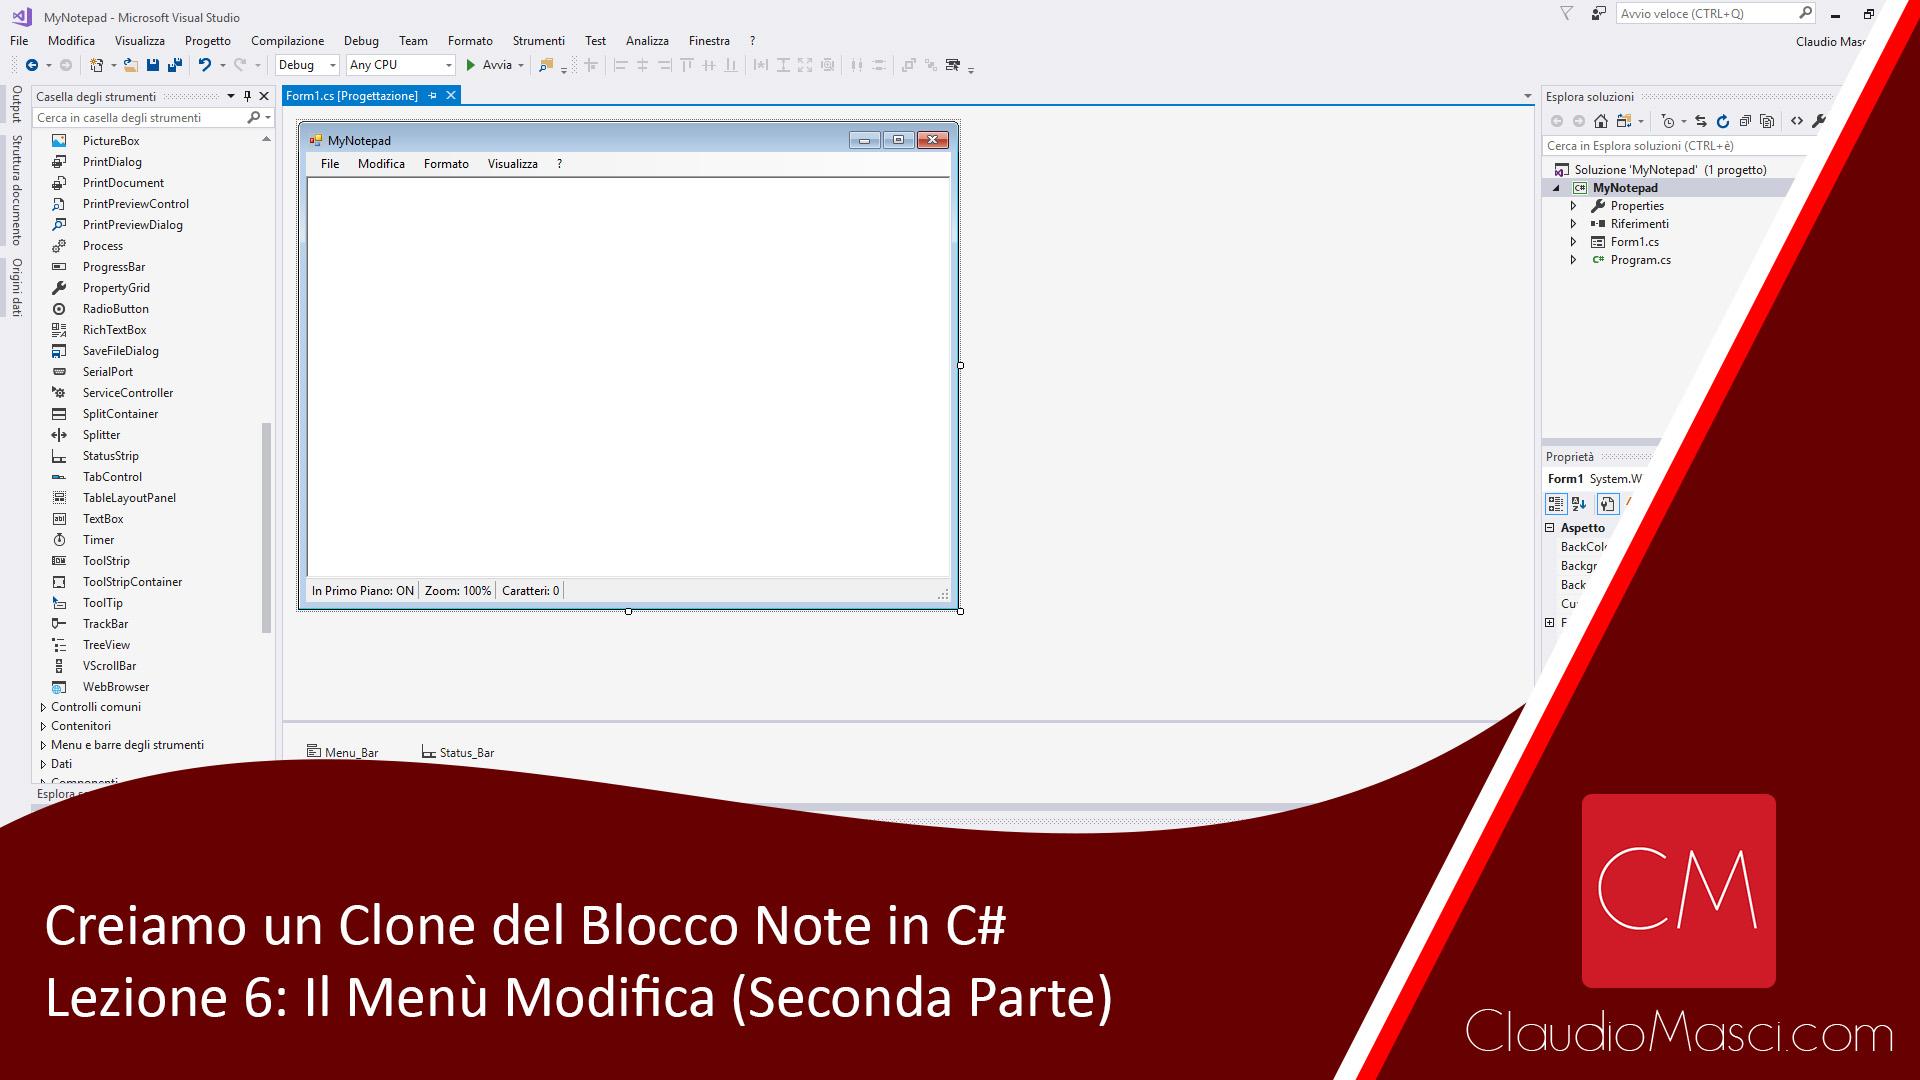 Creiamo un clone del Blocco Note in C# – Lezione 6: Il Menù Modifica (Seconda Parte)